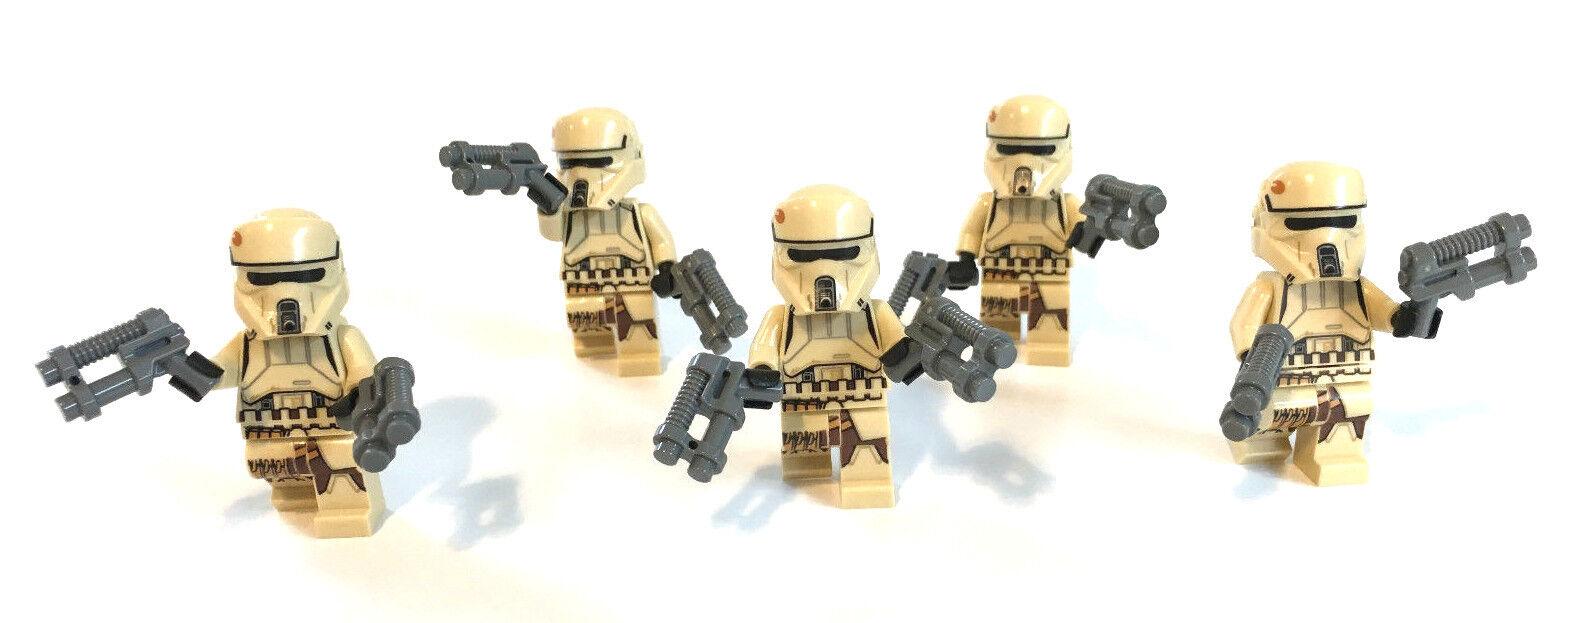 Lego star wars personnage 5x SCARIF un Stormtrooper Shore soldat Rogue 75171 Nouveau unbesp